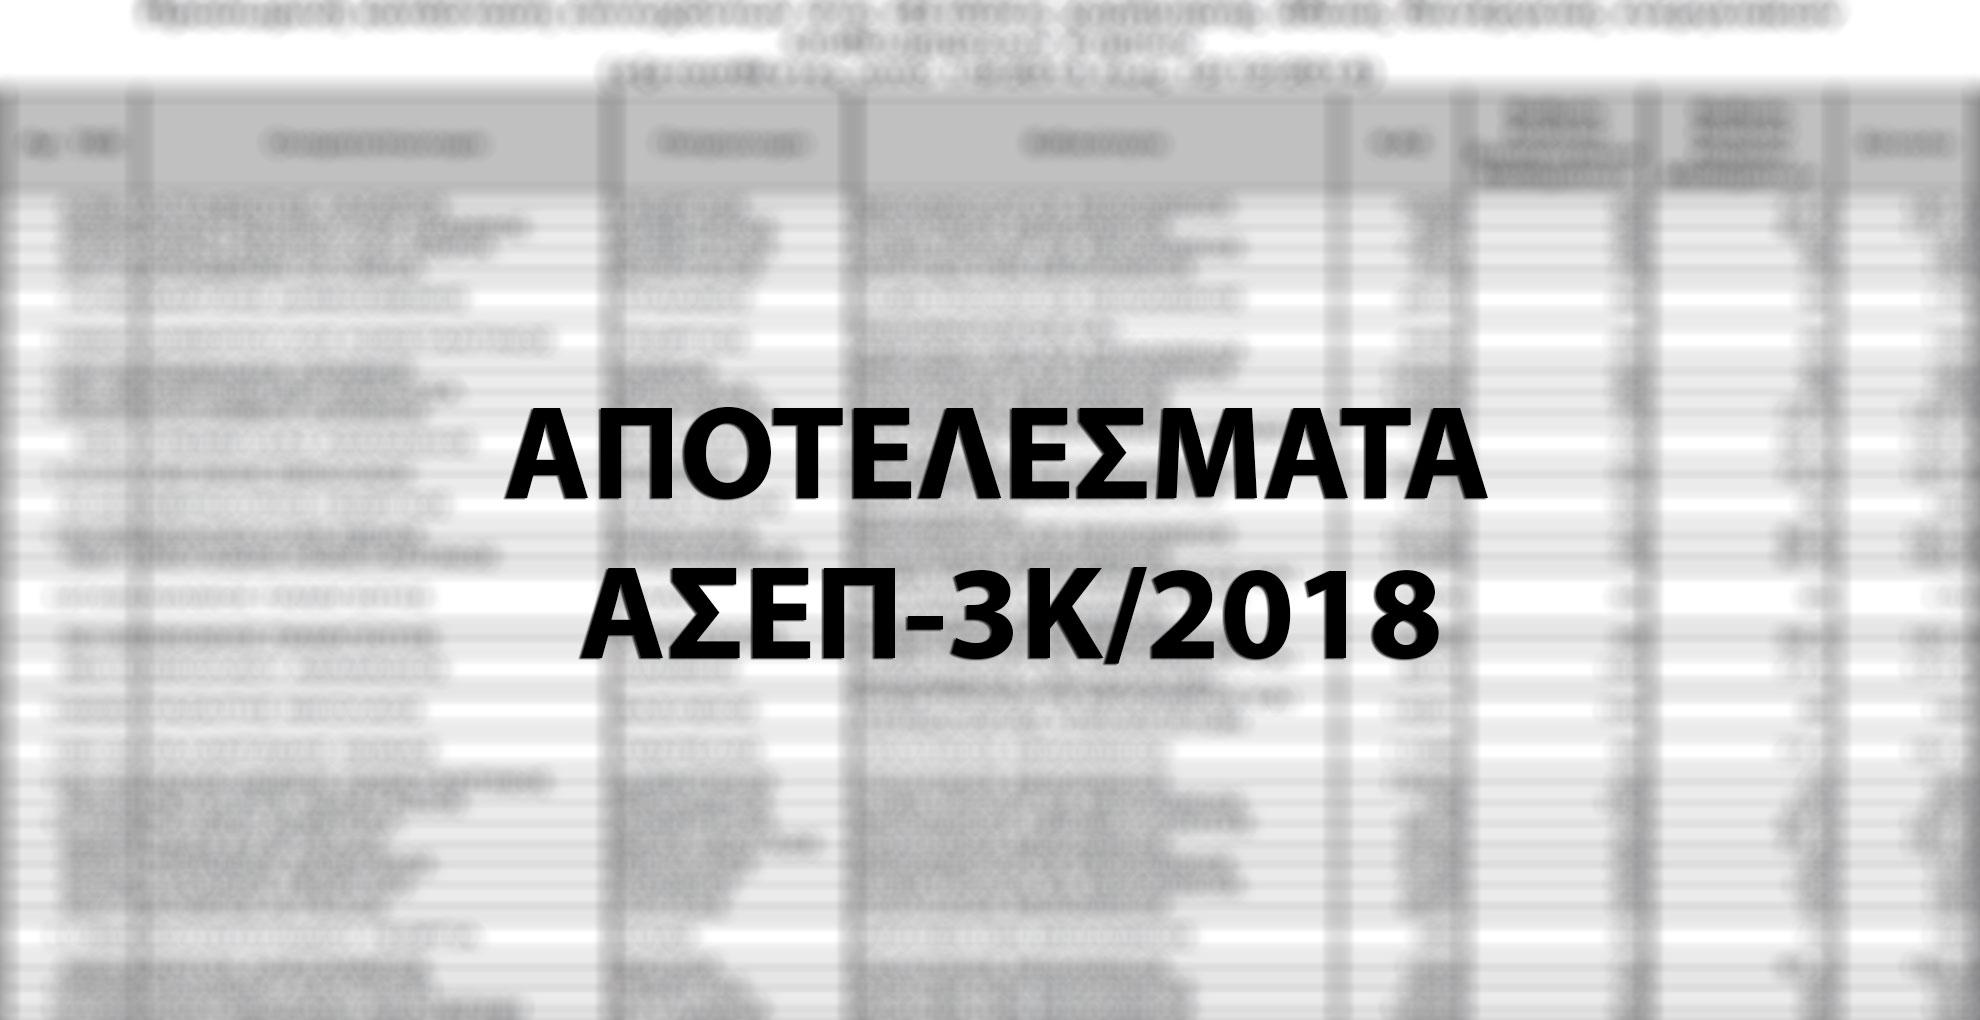 apotelesmata-3k-2018